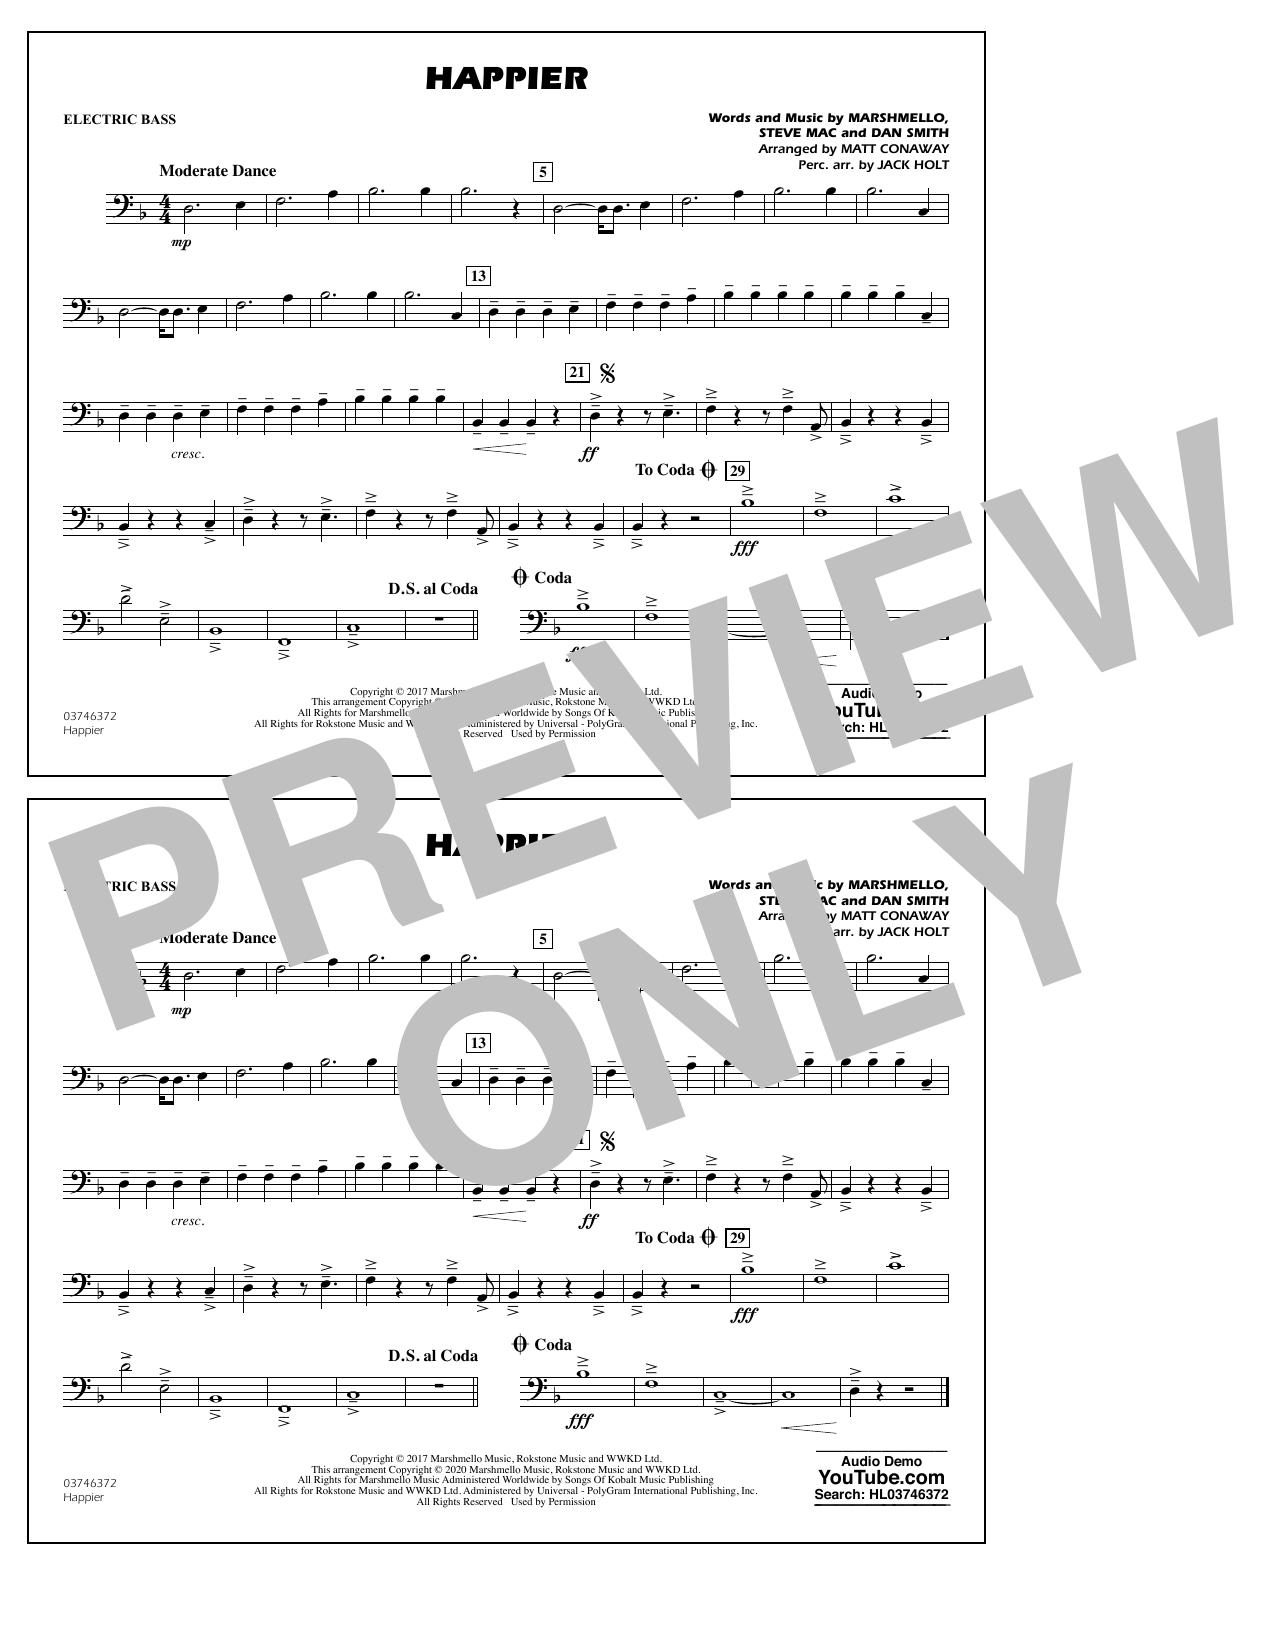 Happier (arr. Matt Conaway and Jack Holt) - Electric Bass Sheet Music